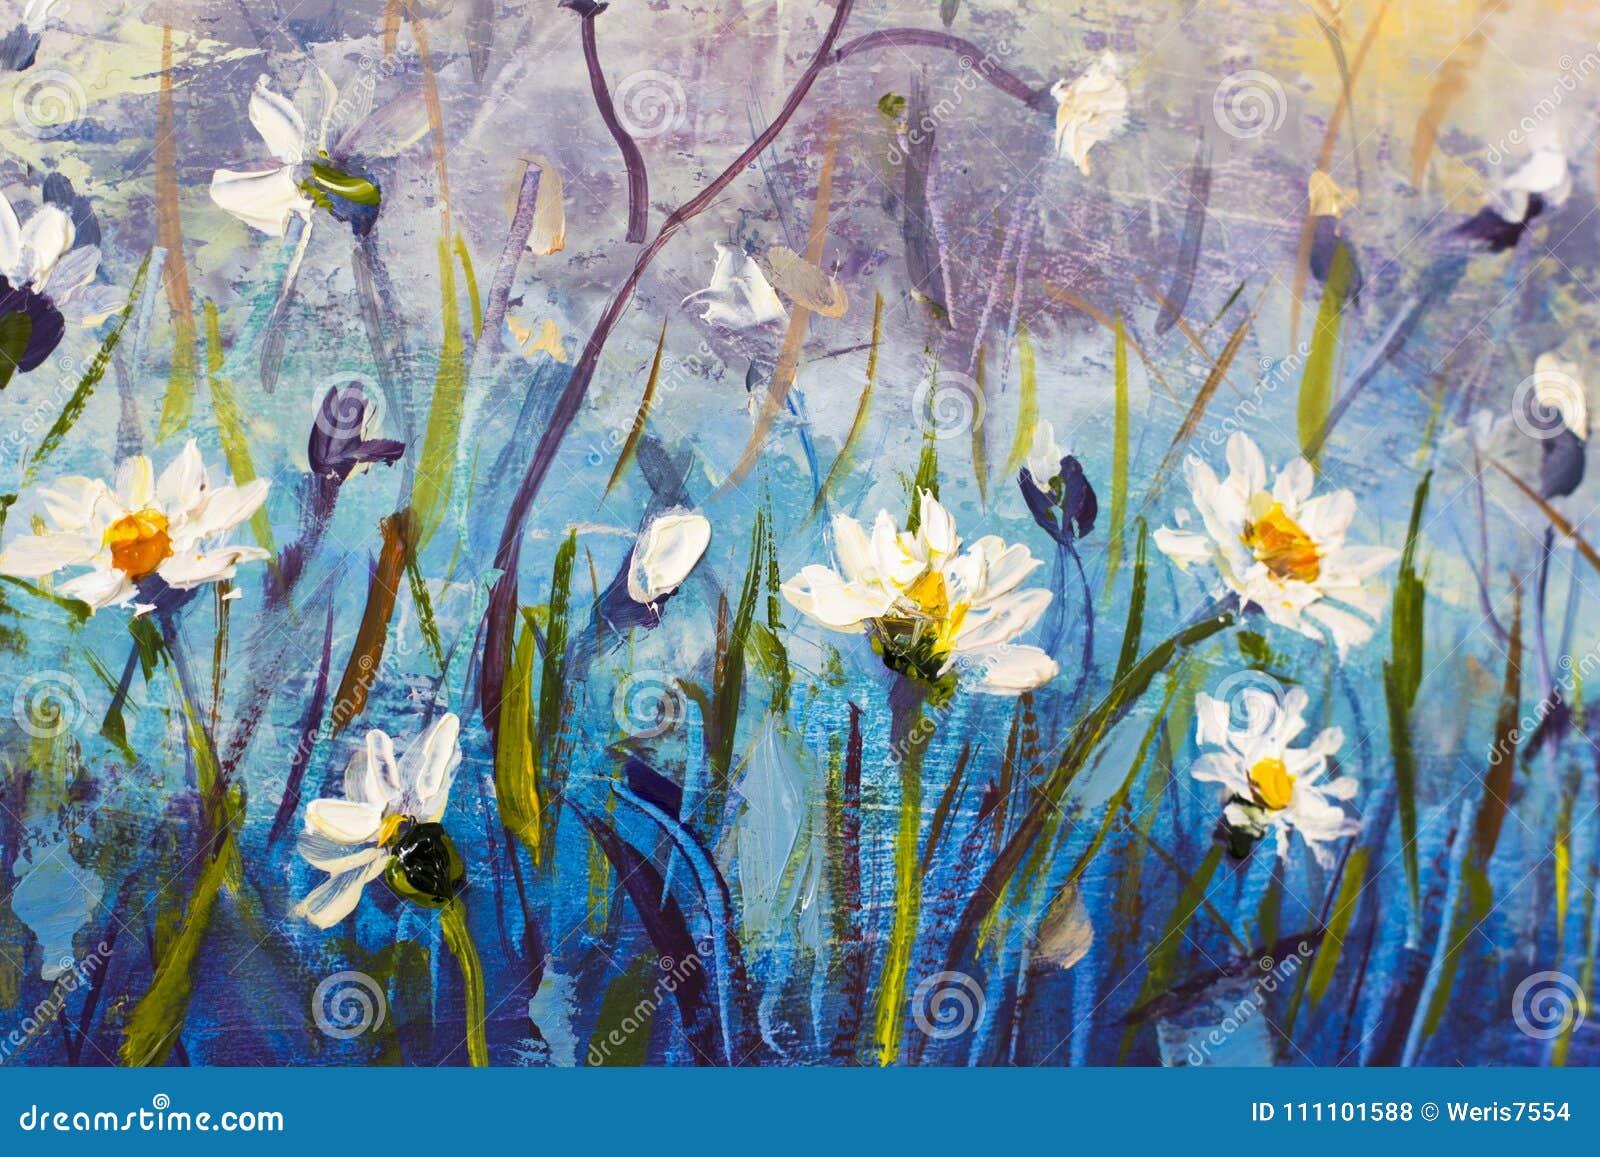 Obraz Olejny Kwiaty Piękny Pole Kwitnie Na Kanwie Nowożytny